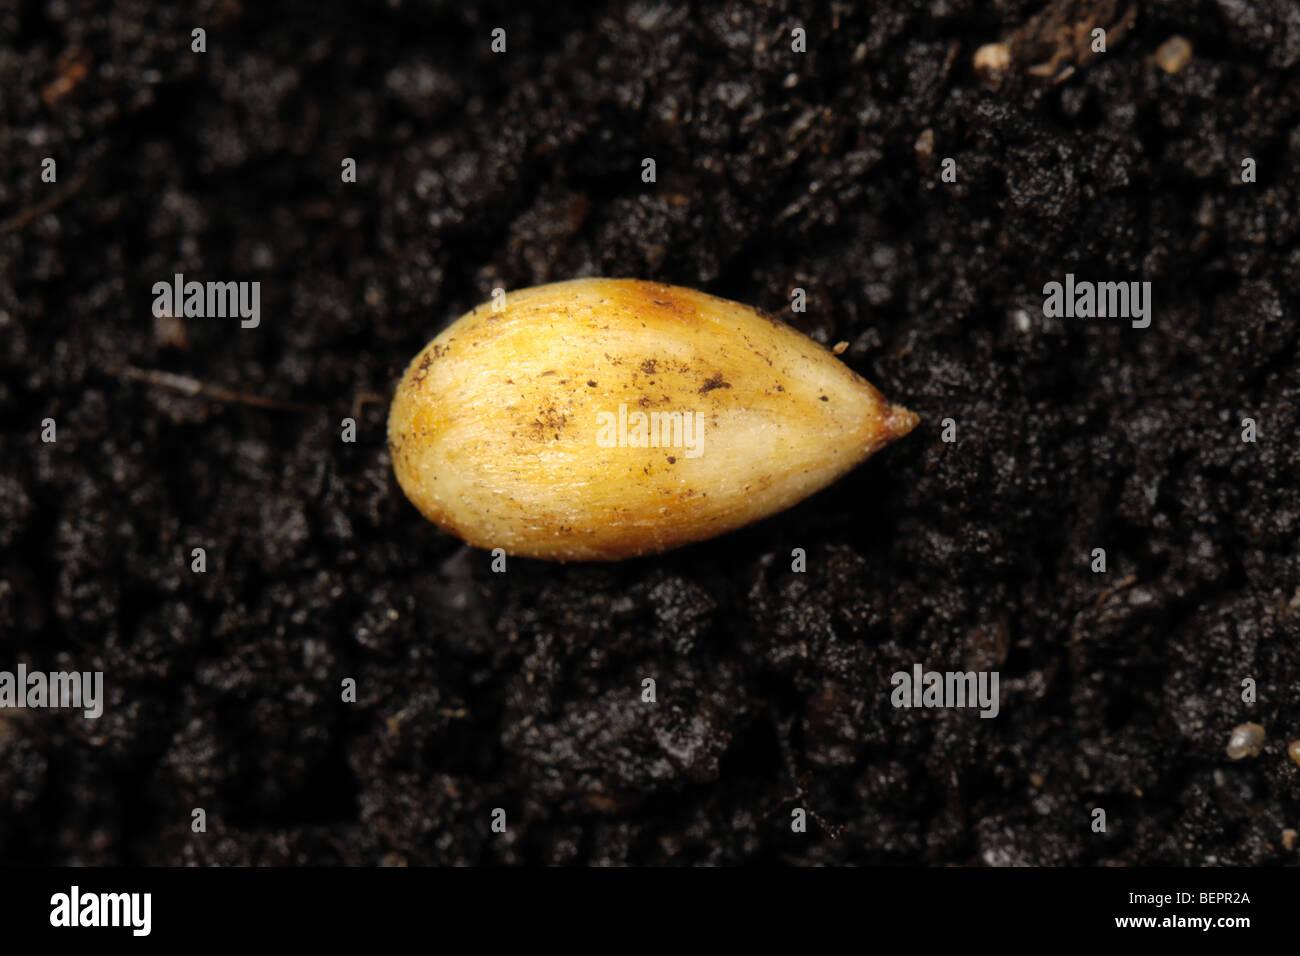 Scoperta di semi di Apple su una superficie di terreno Immagini Stock